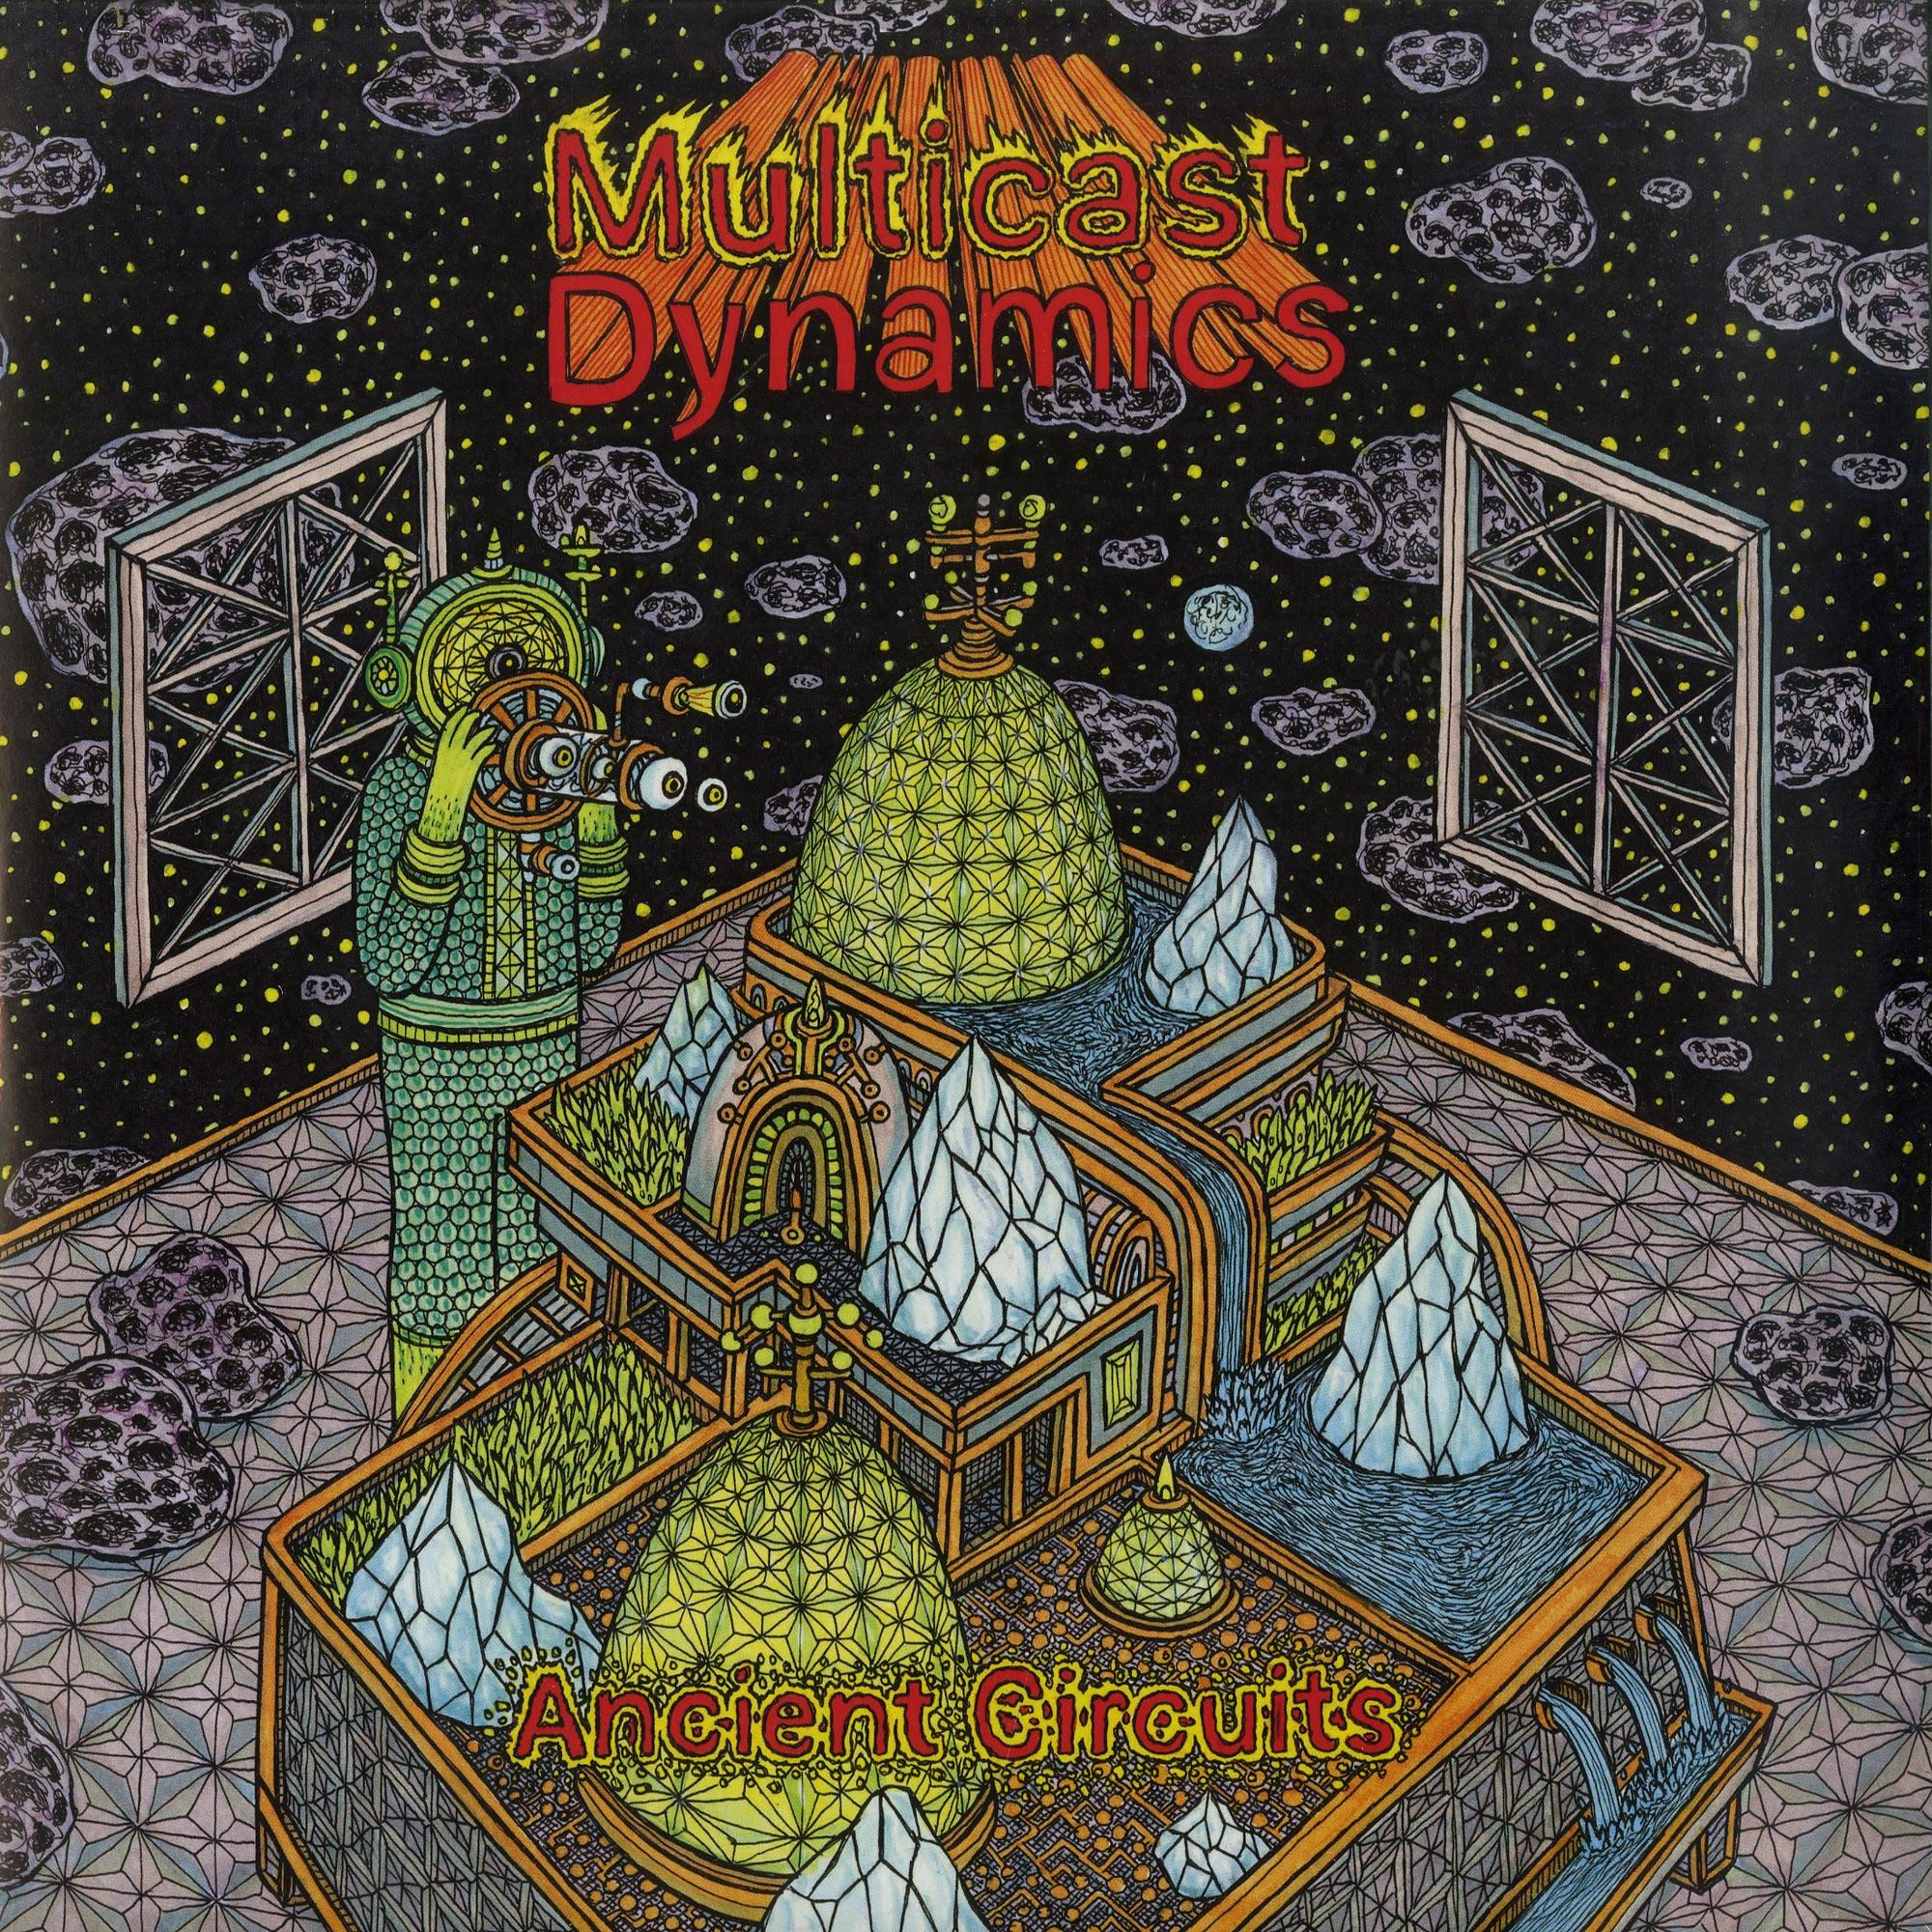 Multicast Dynamics - ANCIENT CIRCUITS